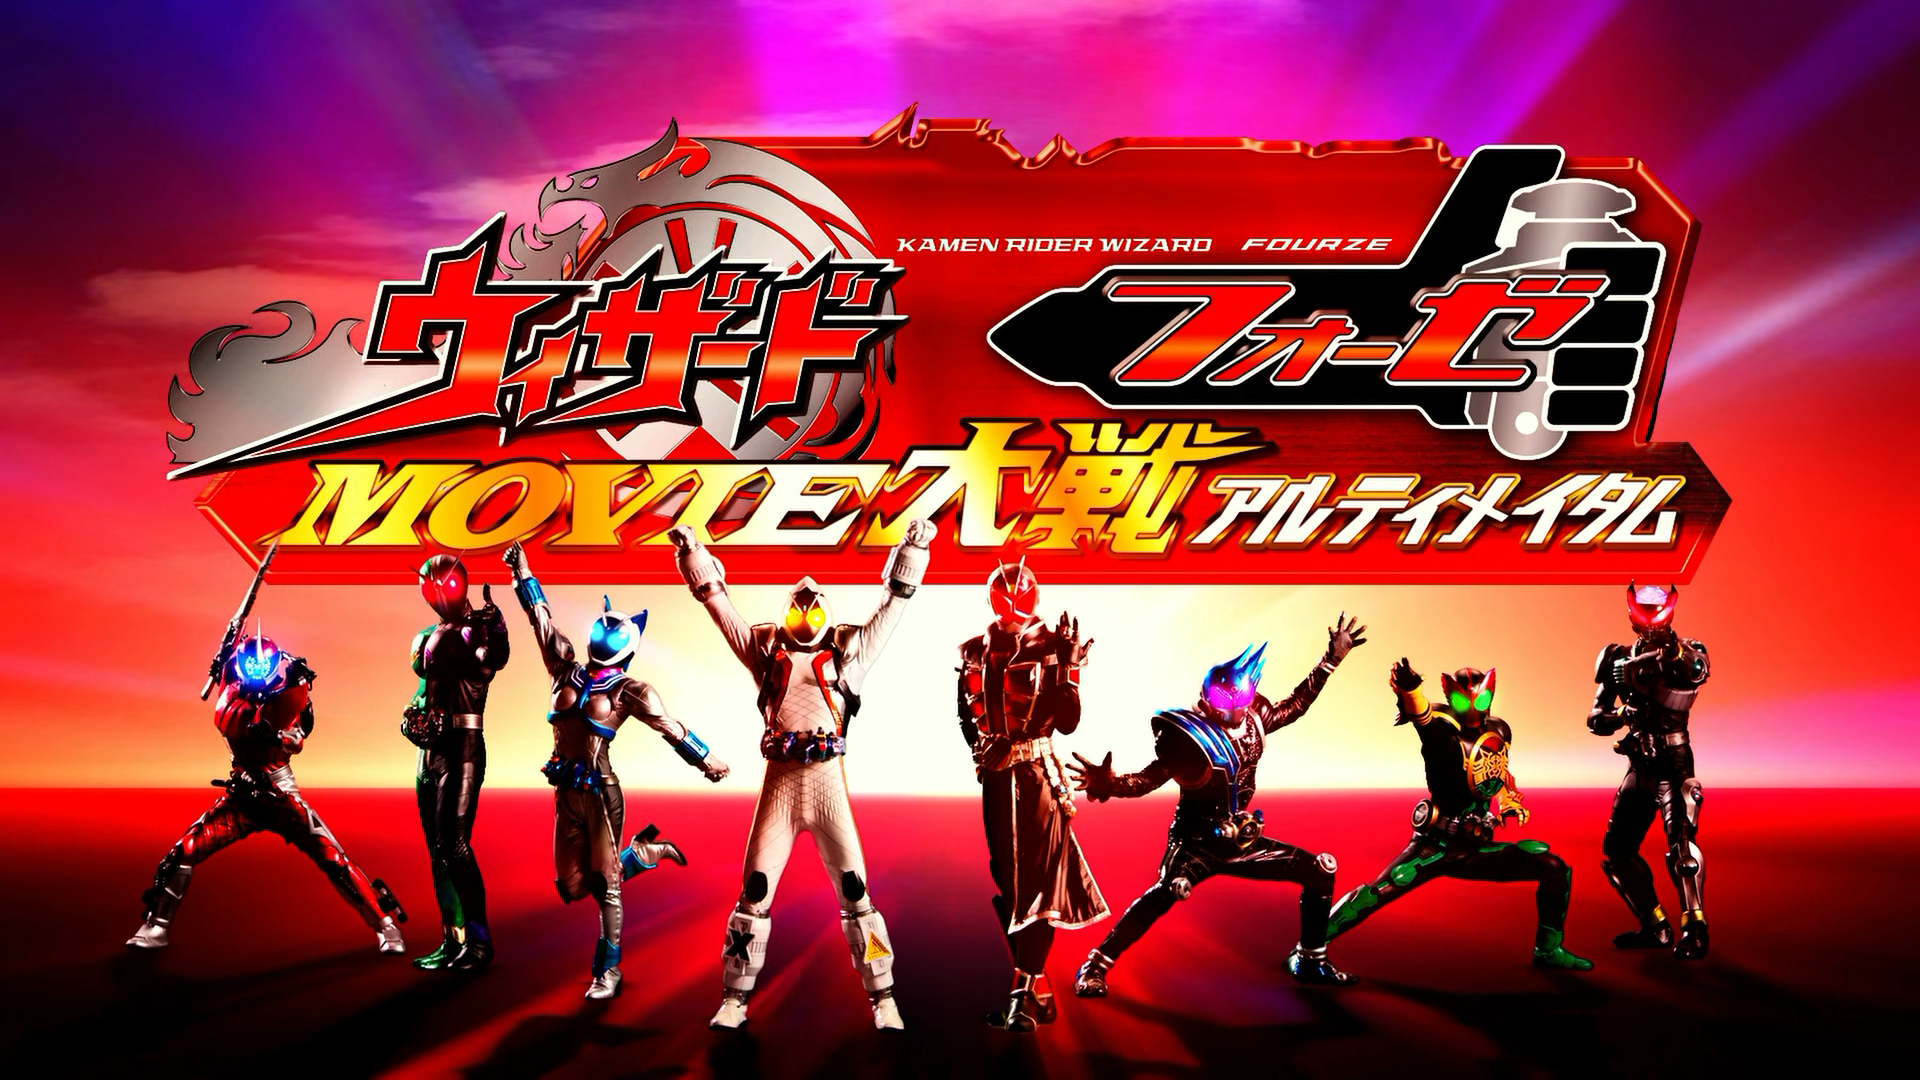 Kamen Rider Kamen Rider Wizard Fourze Movie War Ultimatum Kamen Rider Wiki Fandom